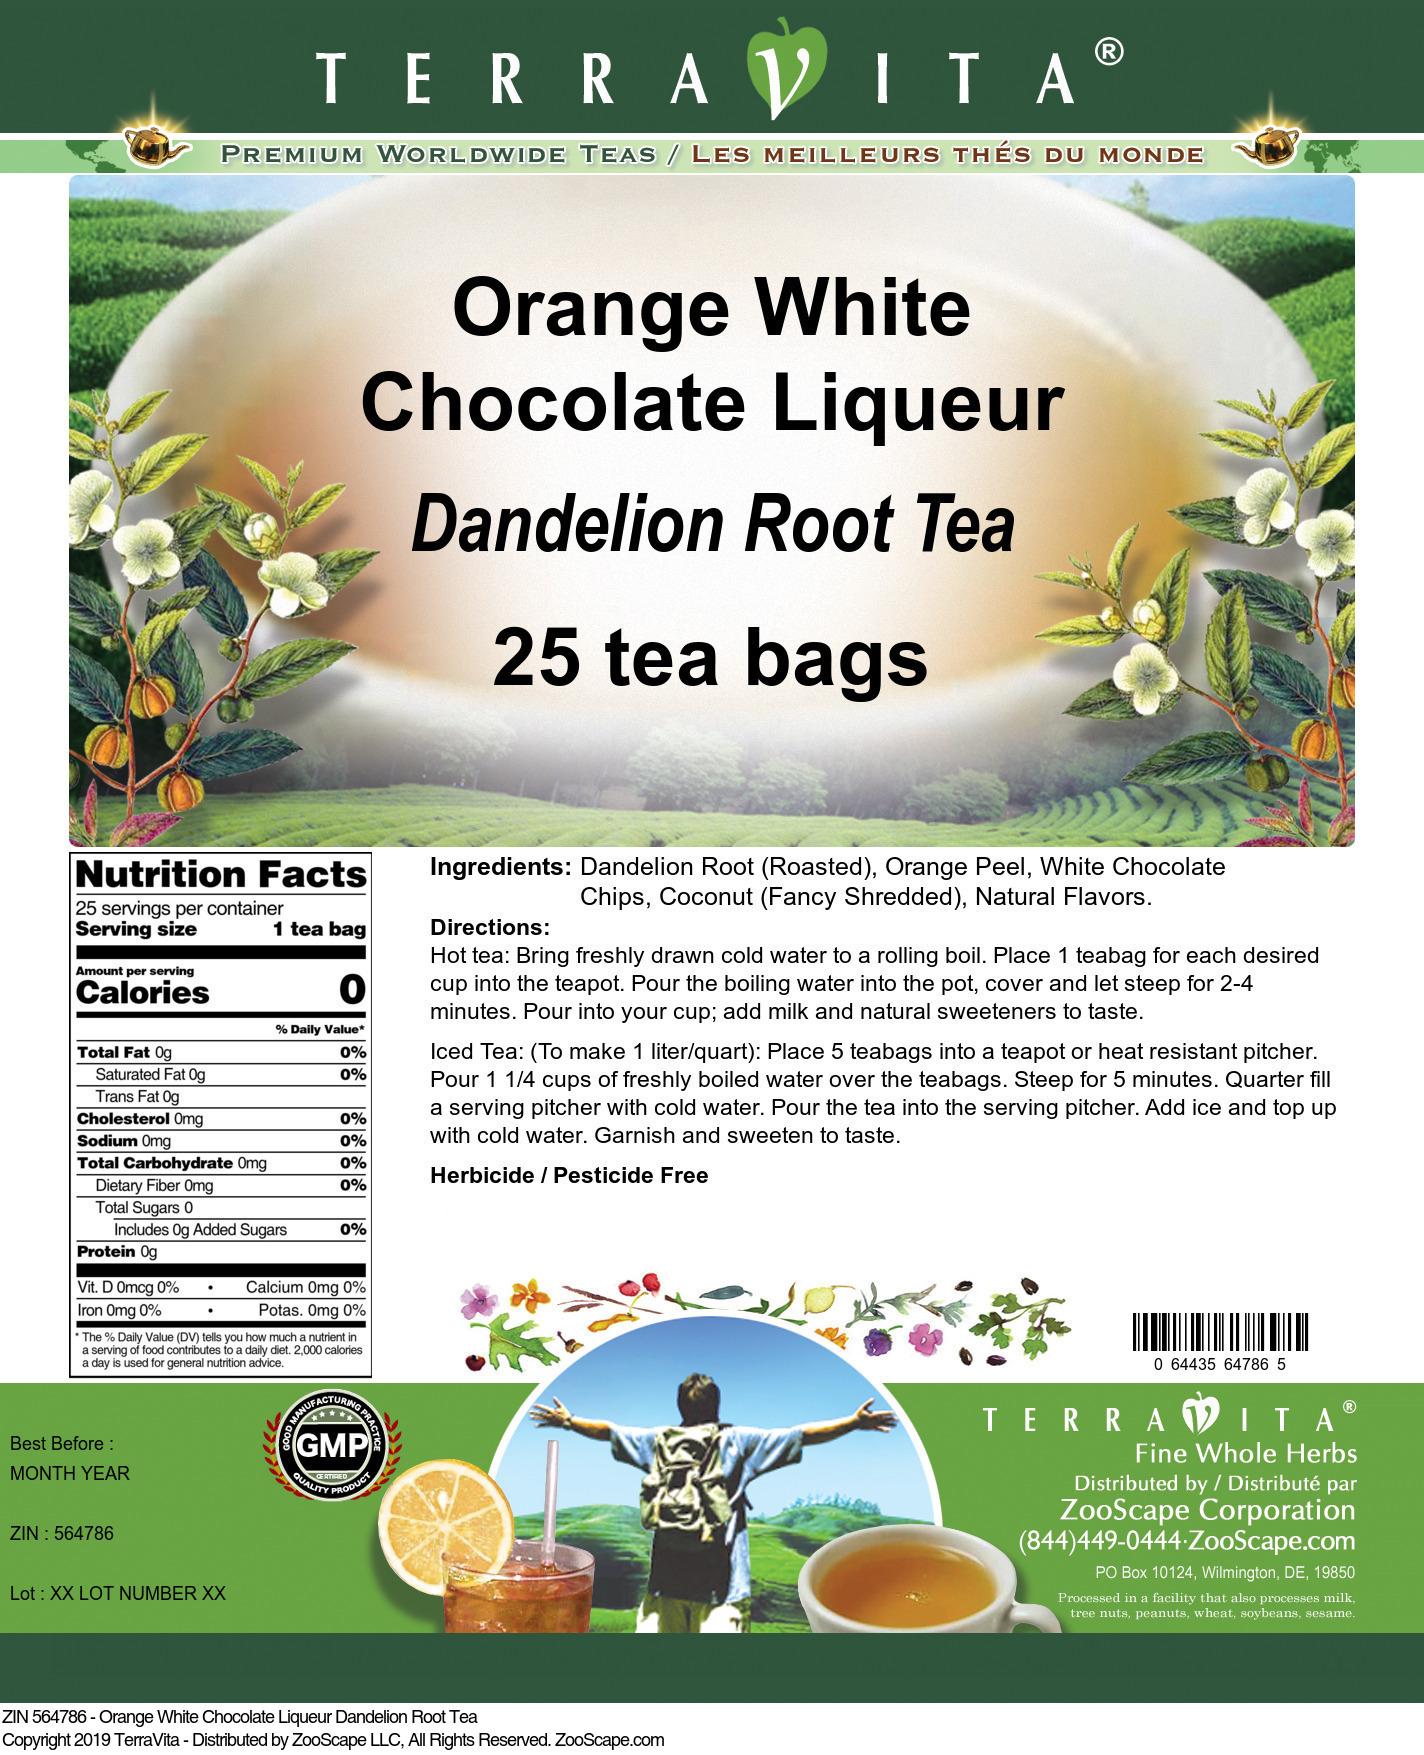 Orange White Chocolate Liqueur Dandelion Root Tea